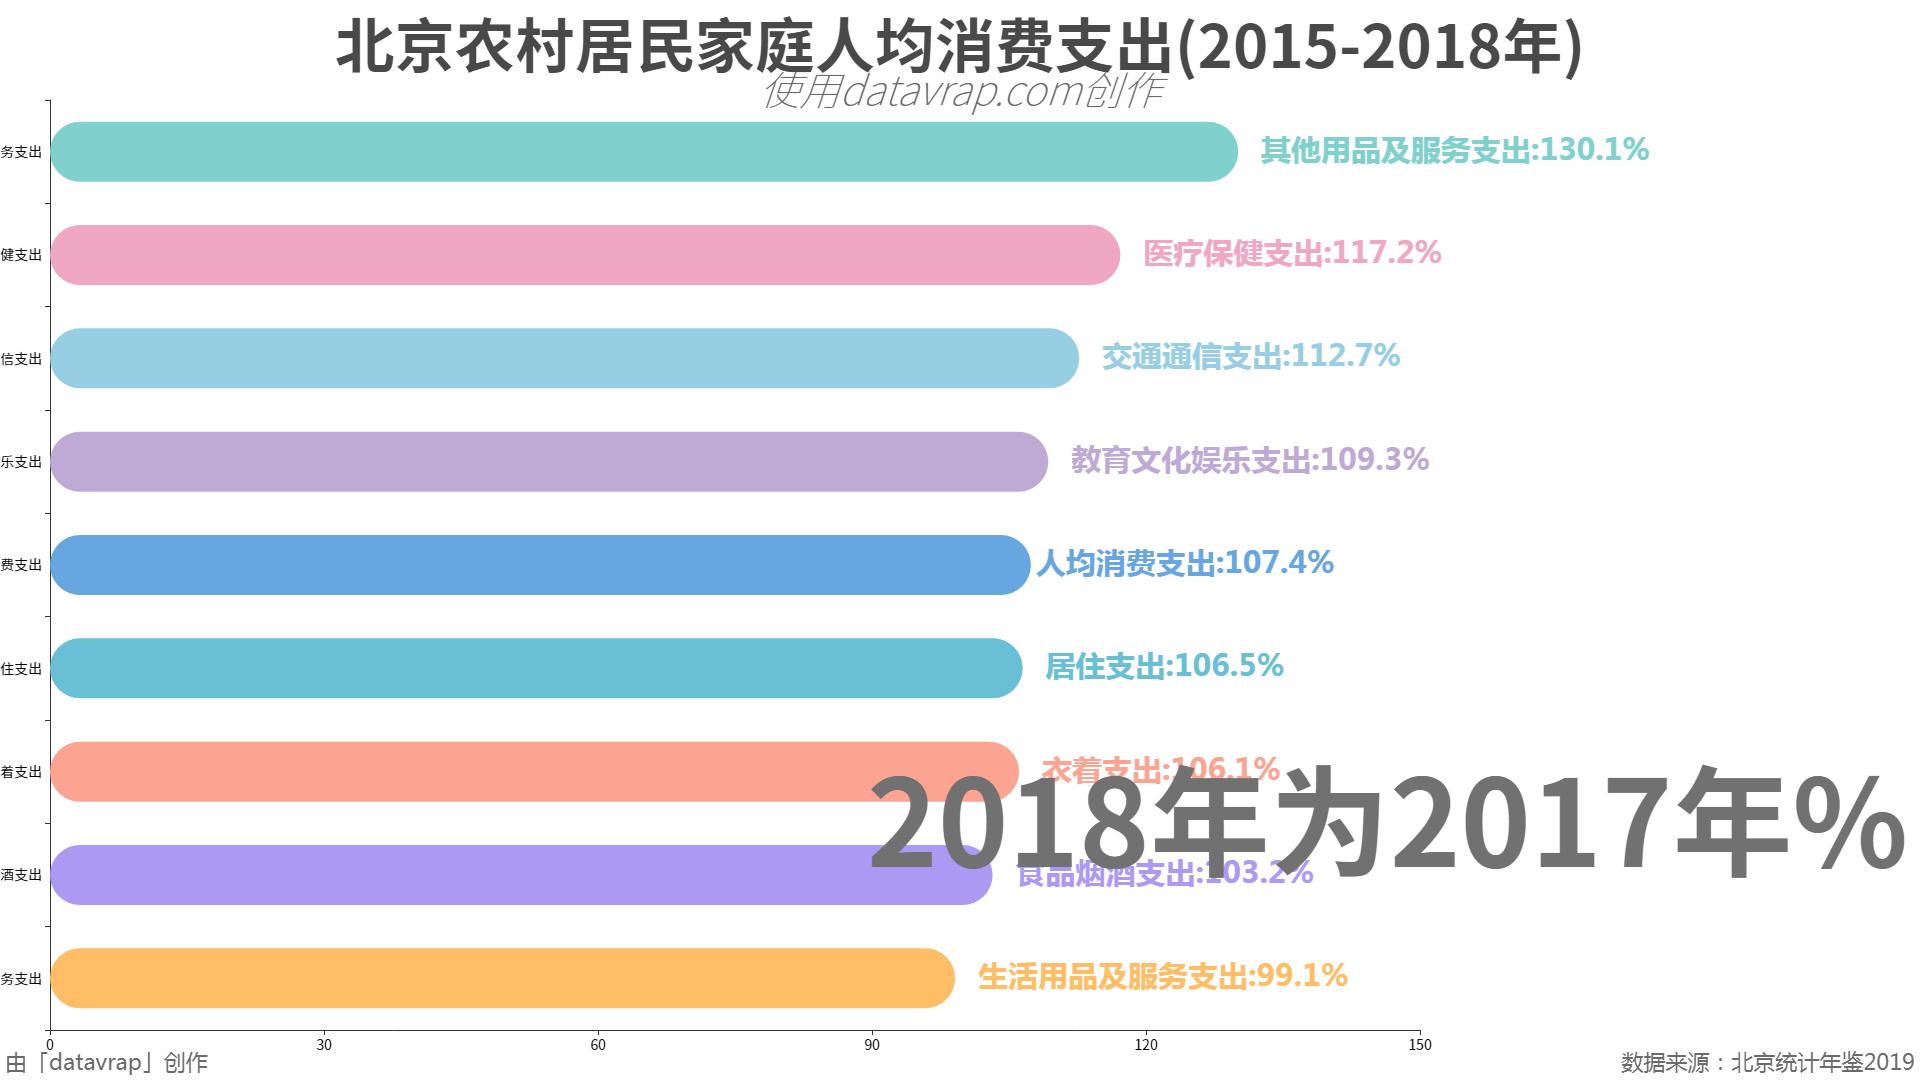 北京农村居民家庭人均消费支出(2015-2018年)